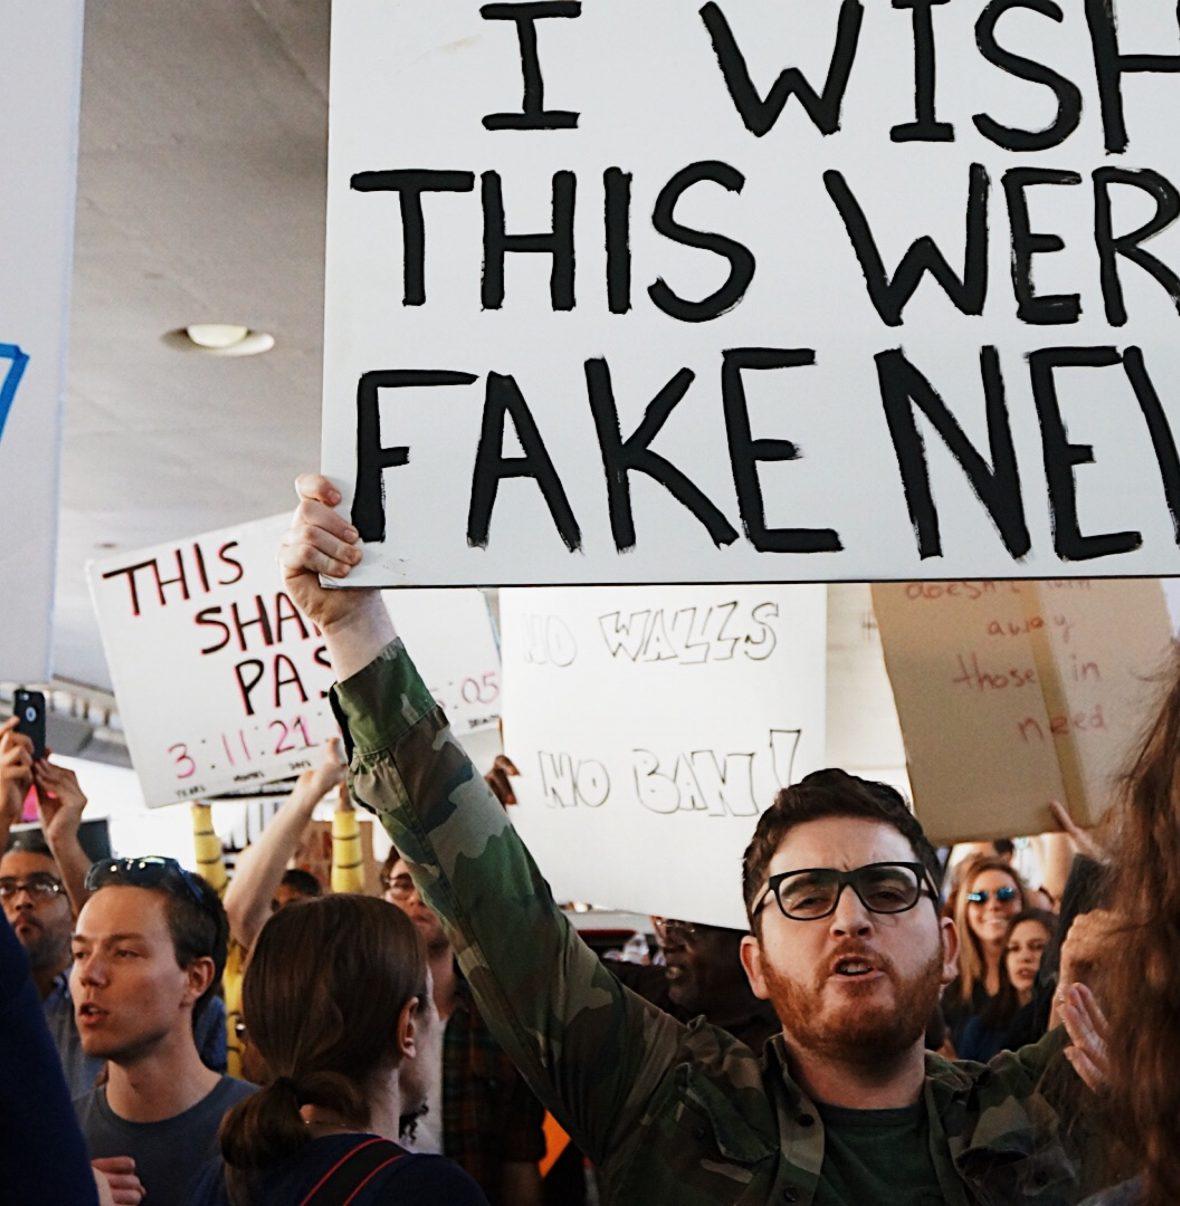 Pessoas a manifestarem-se contra as fake news